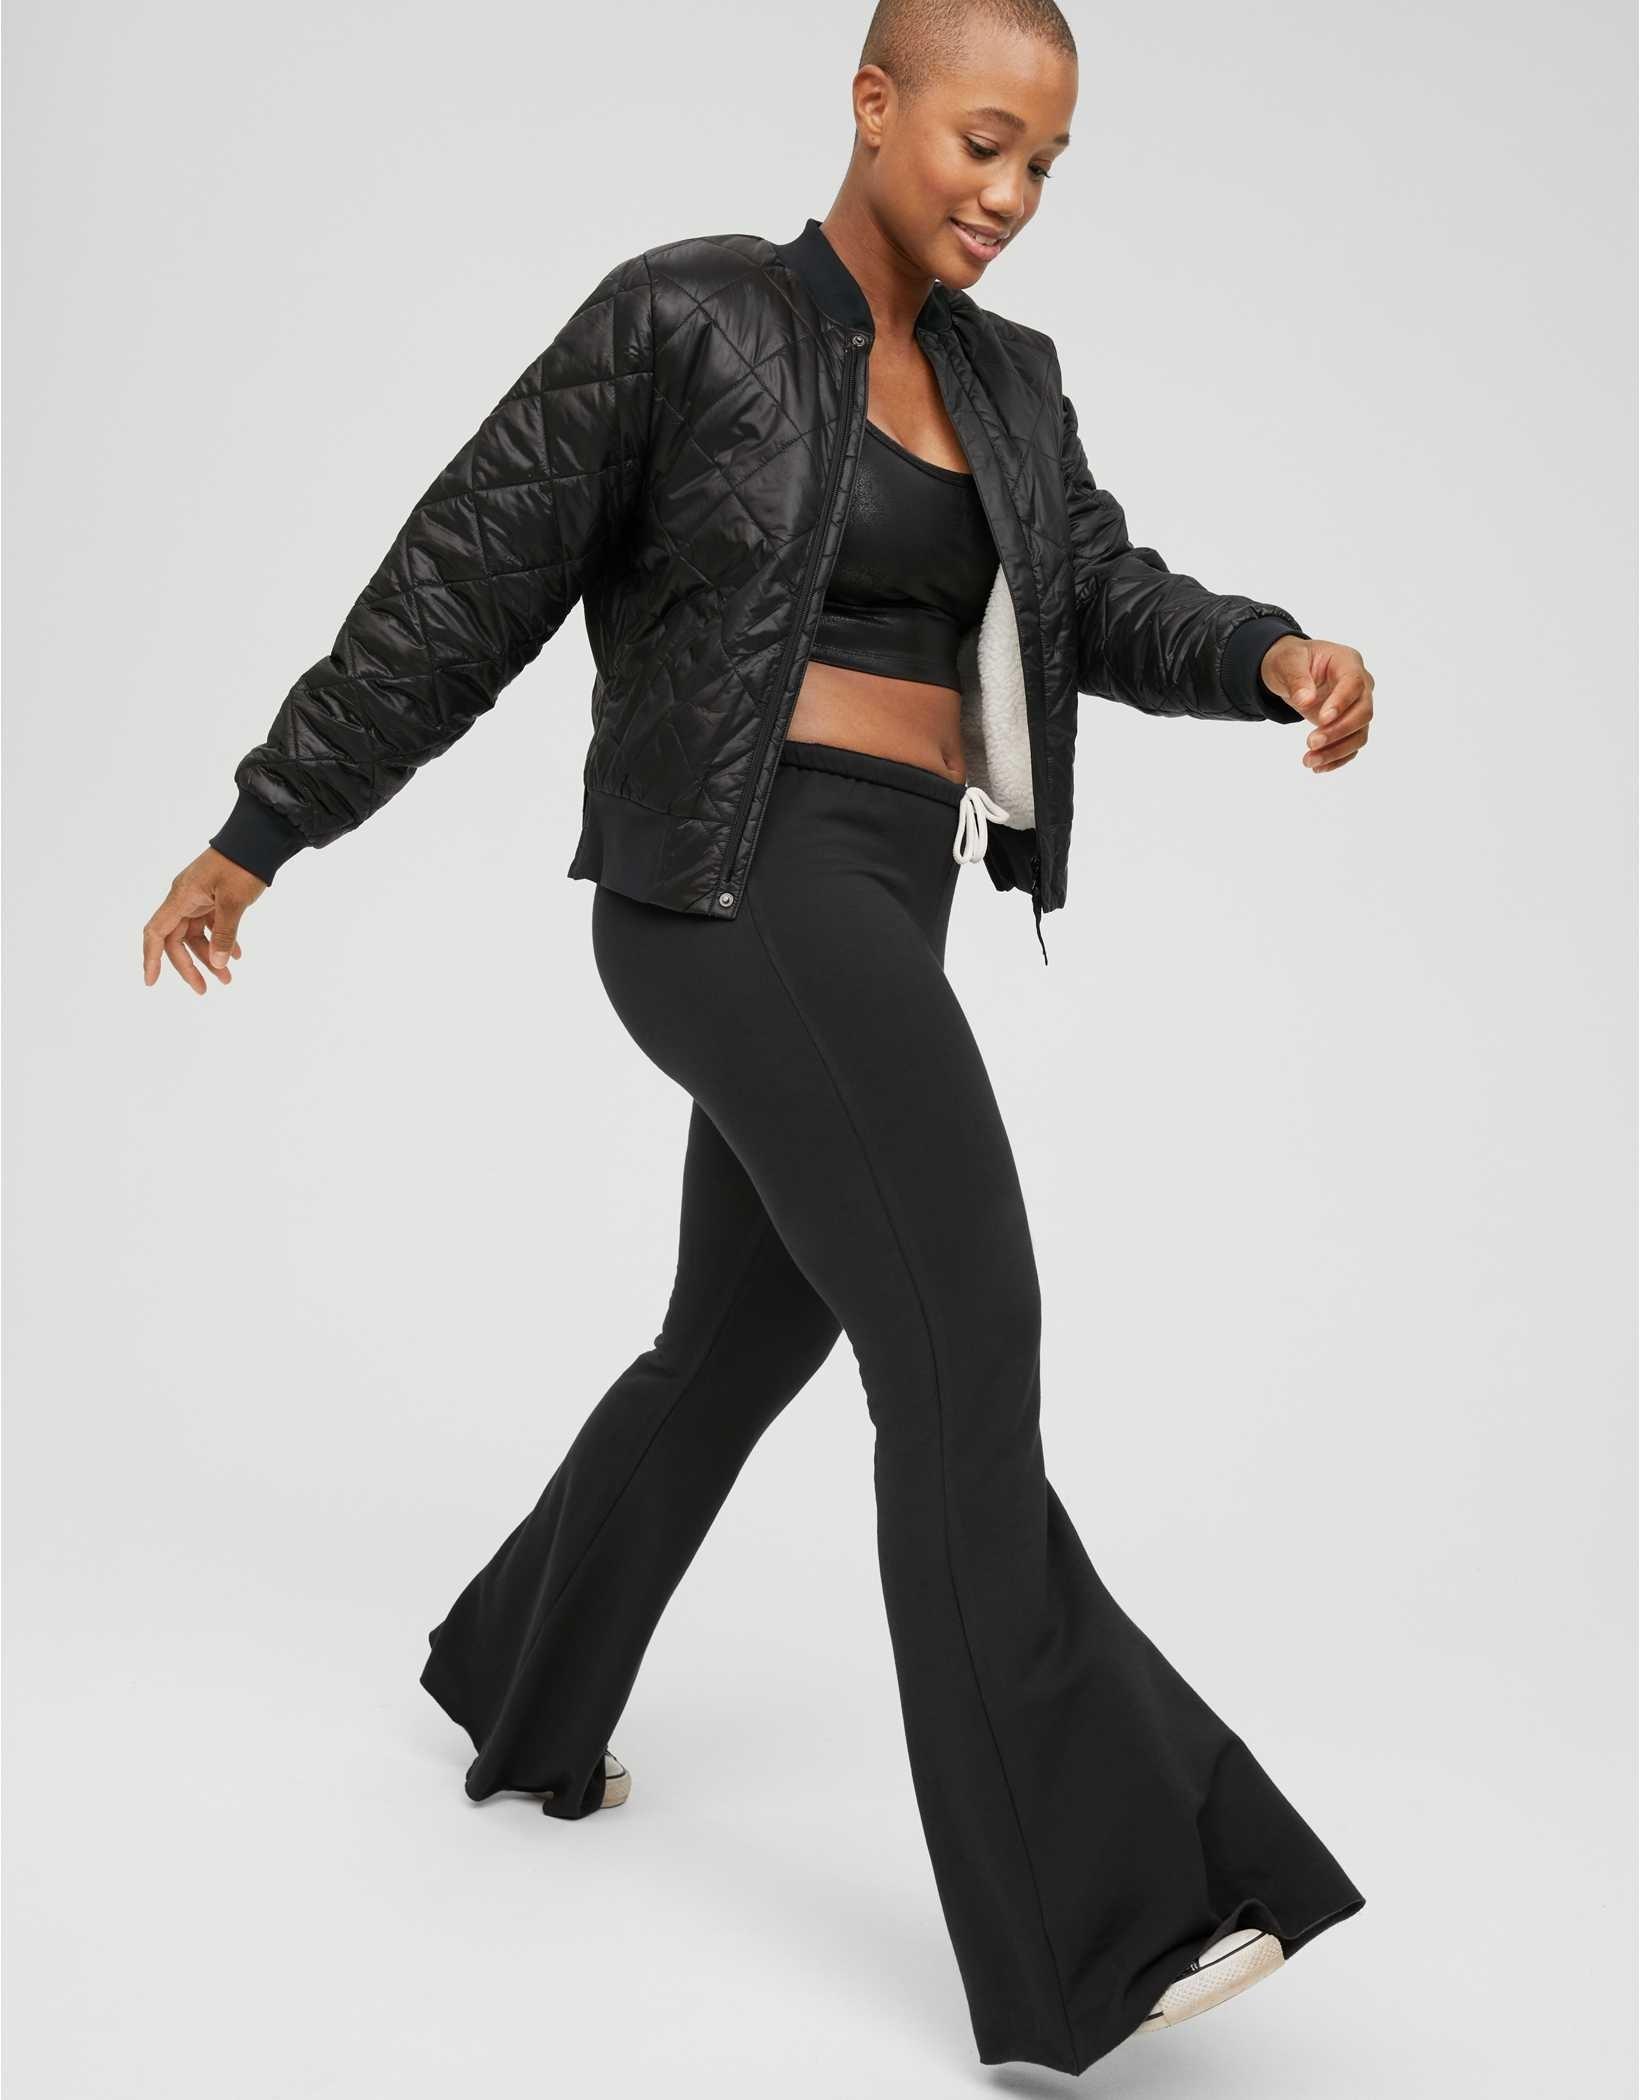 Model strutting in the black flare sweats